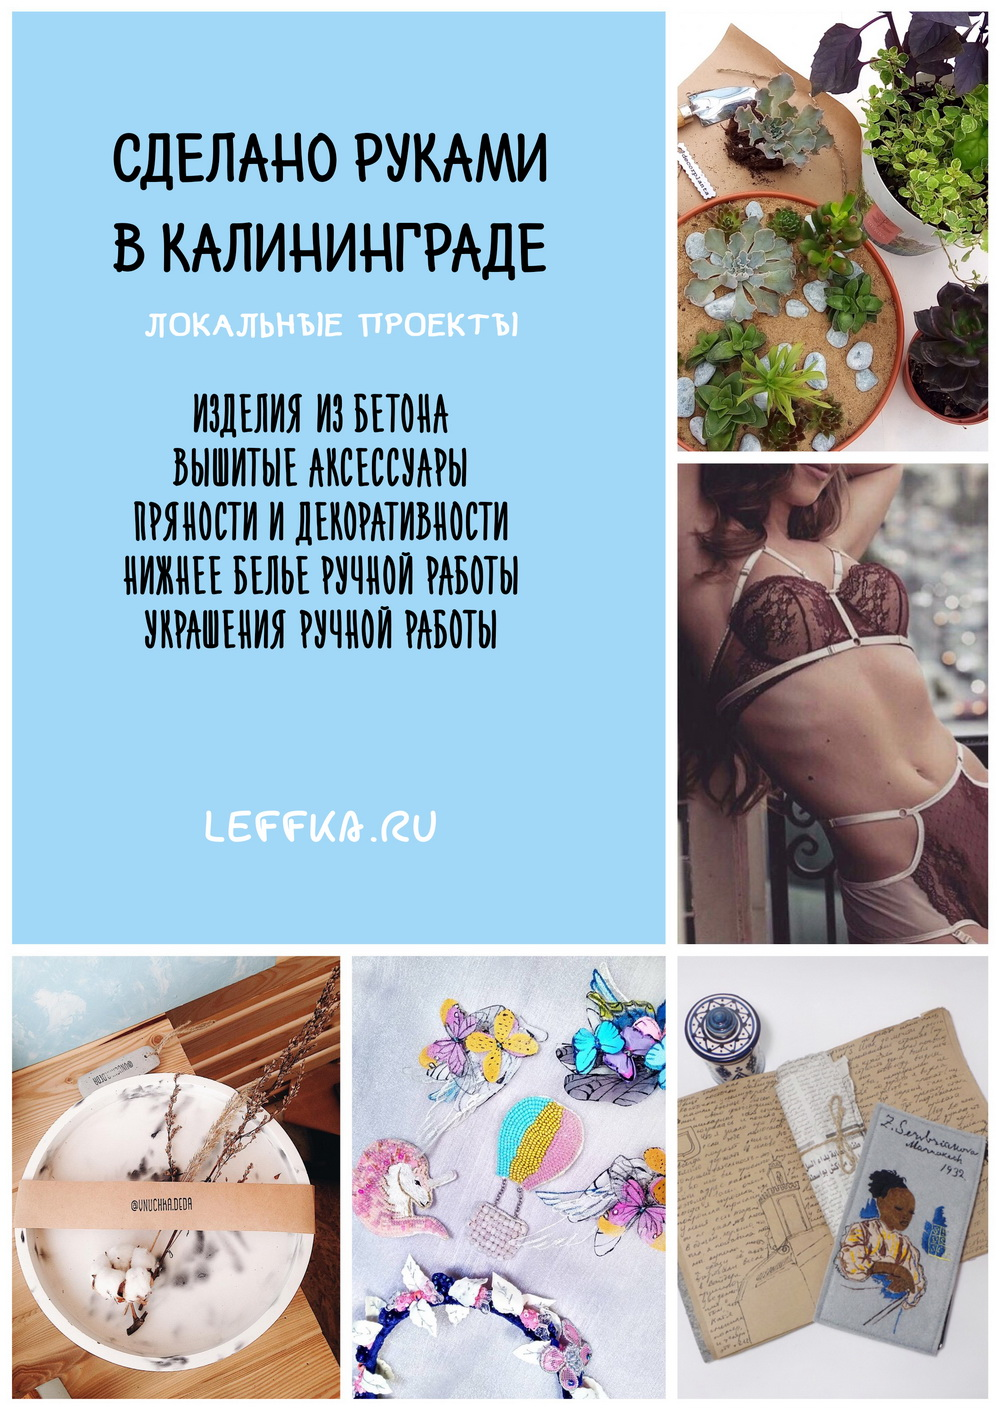 Сделано в Калининграде - обзор локальных проектов - leffka.ru